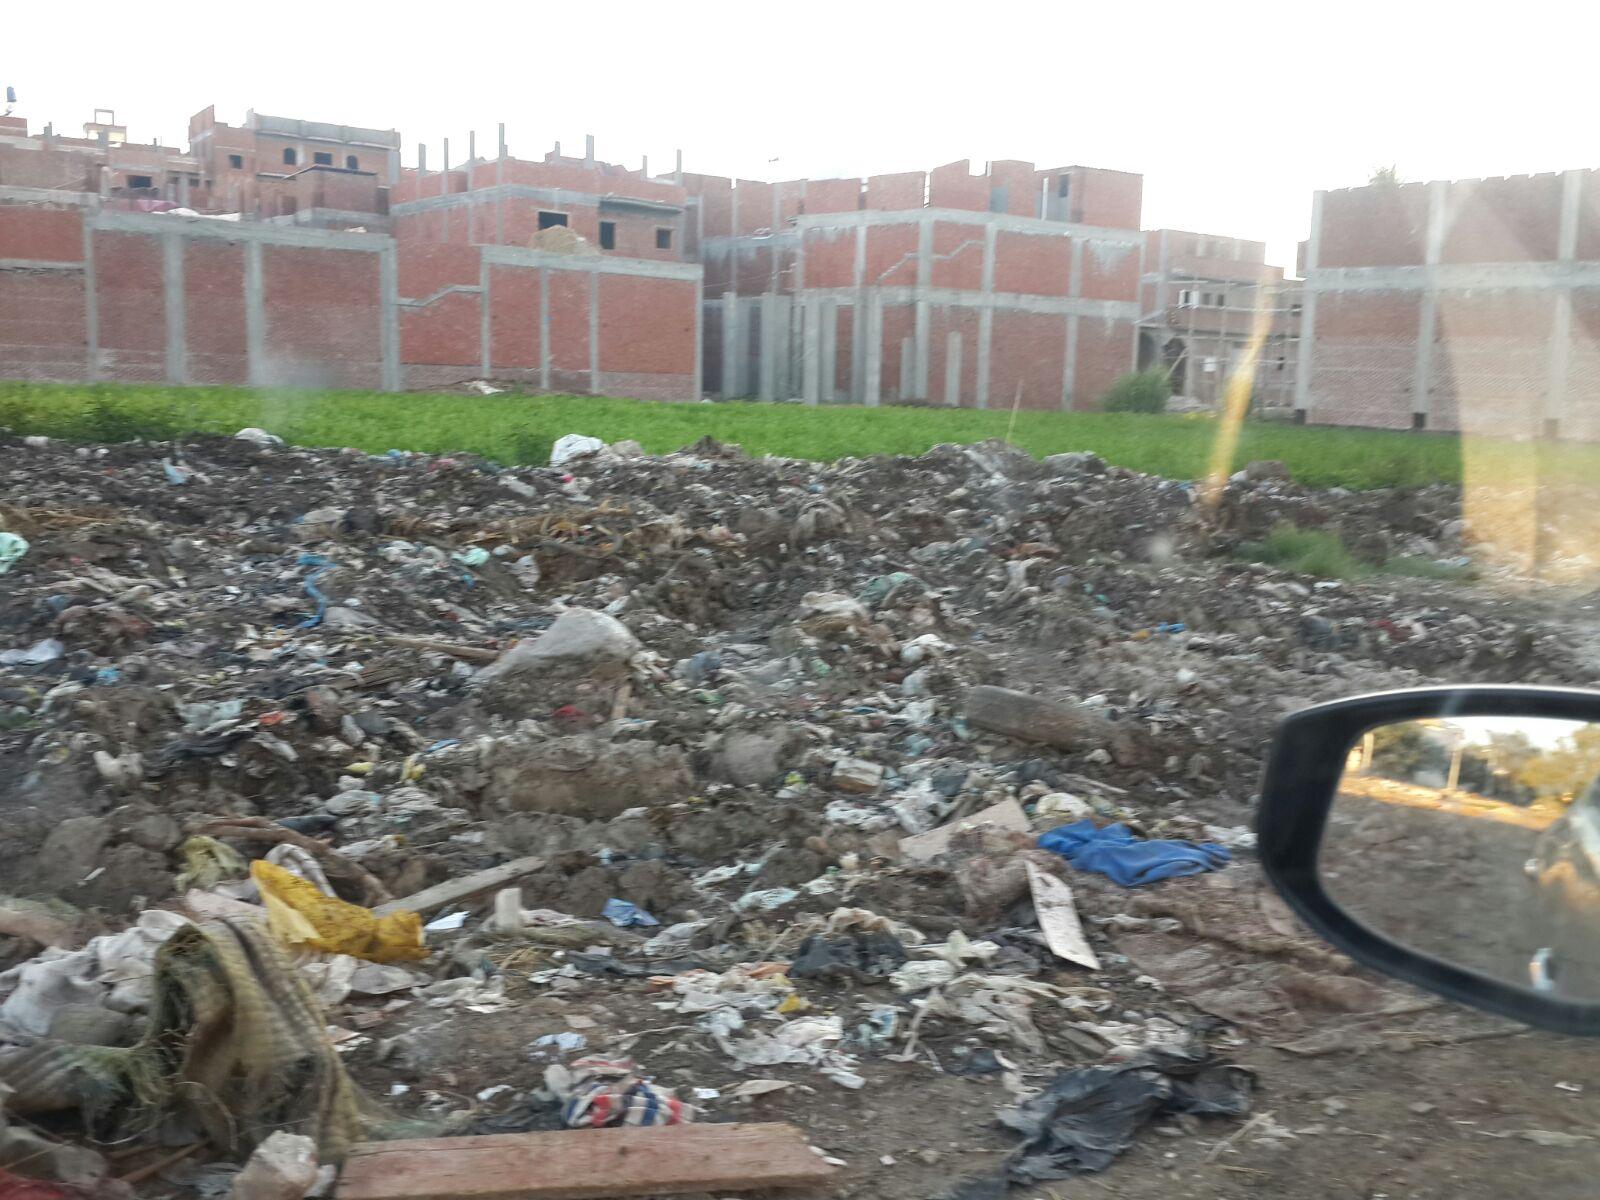 بالصور.. في شبراخيت.. حياة «مستحيلة» وسط القمامة والصرف وحظائر الماشية